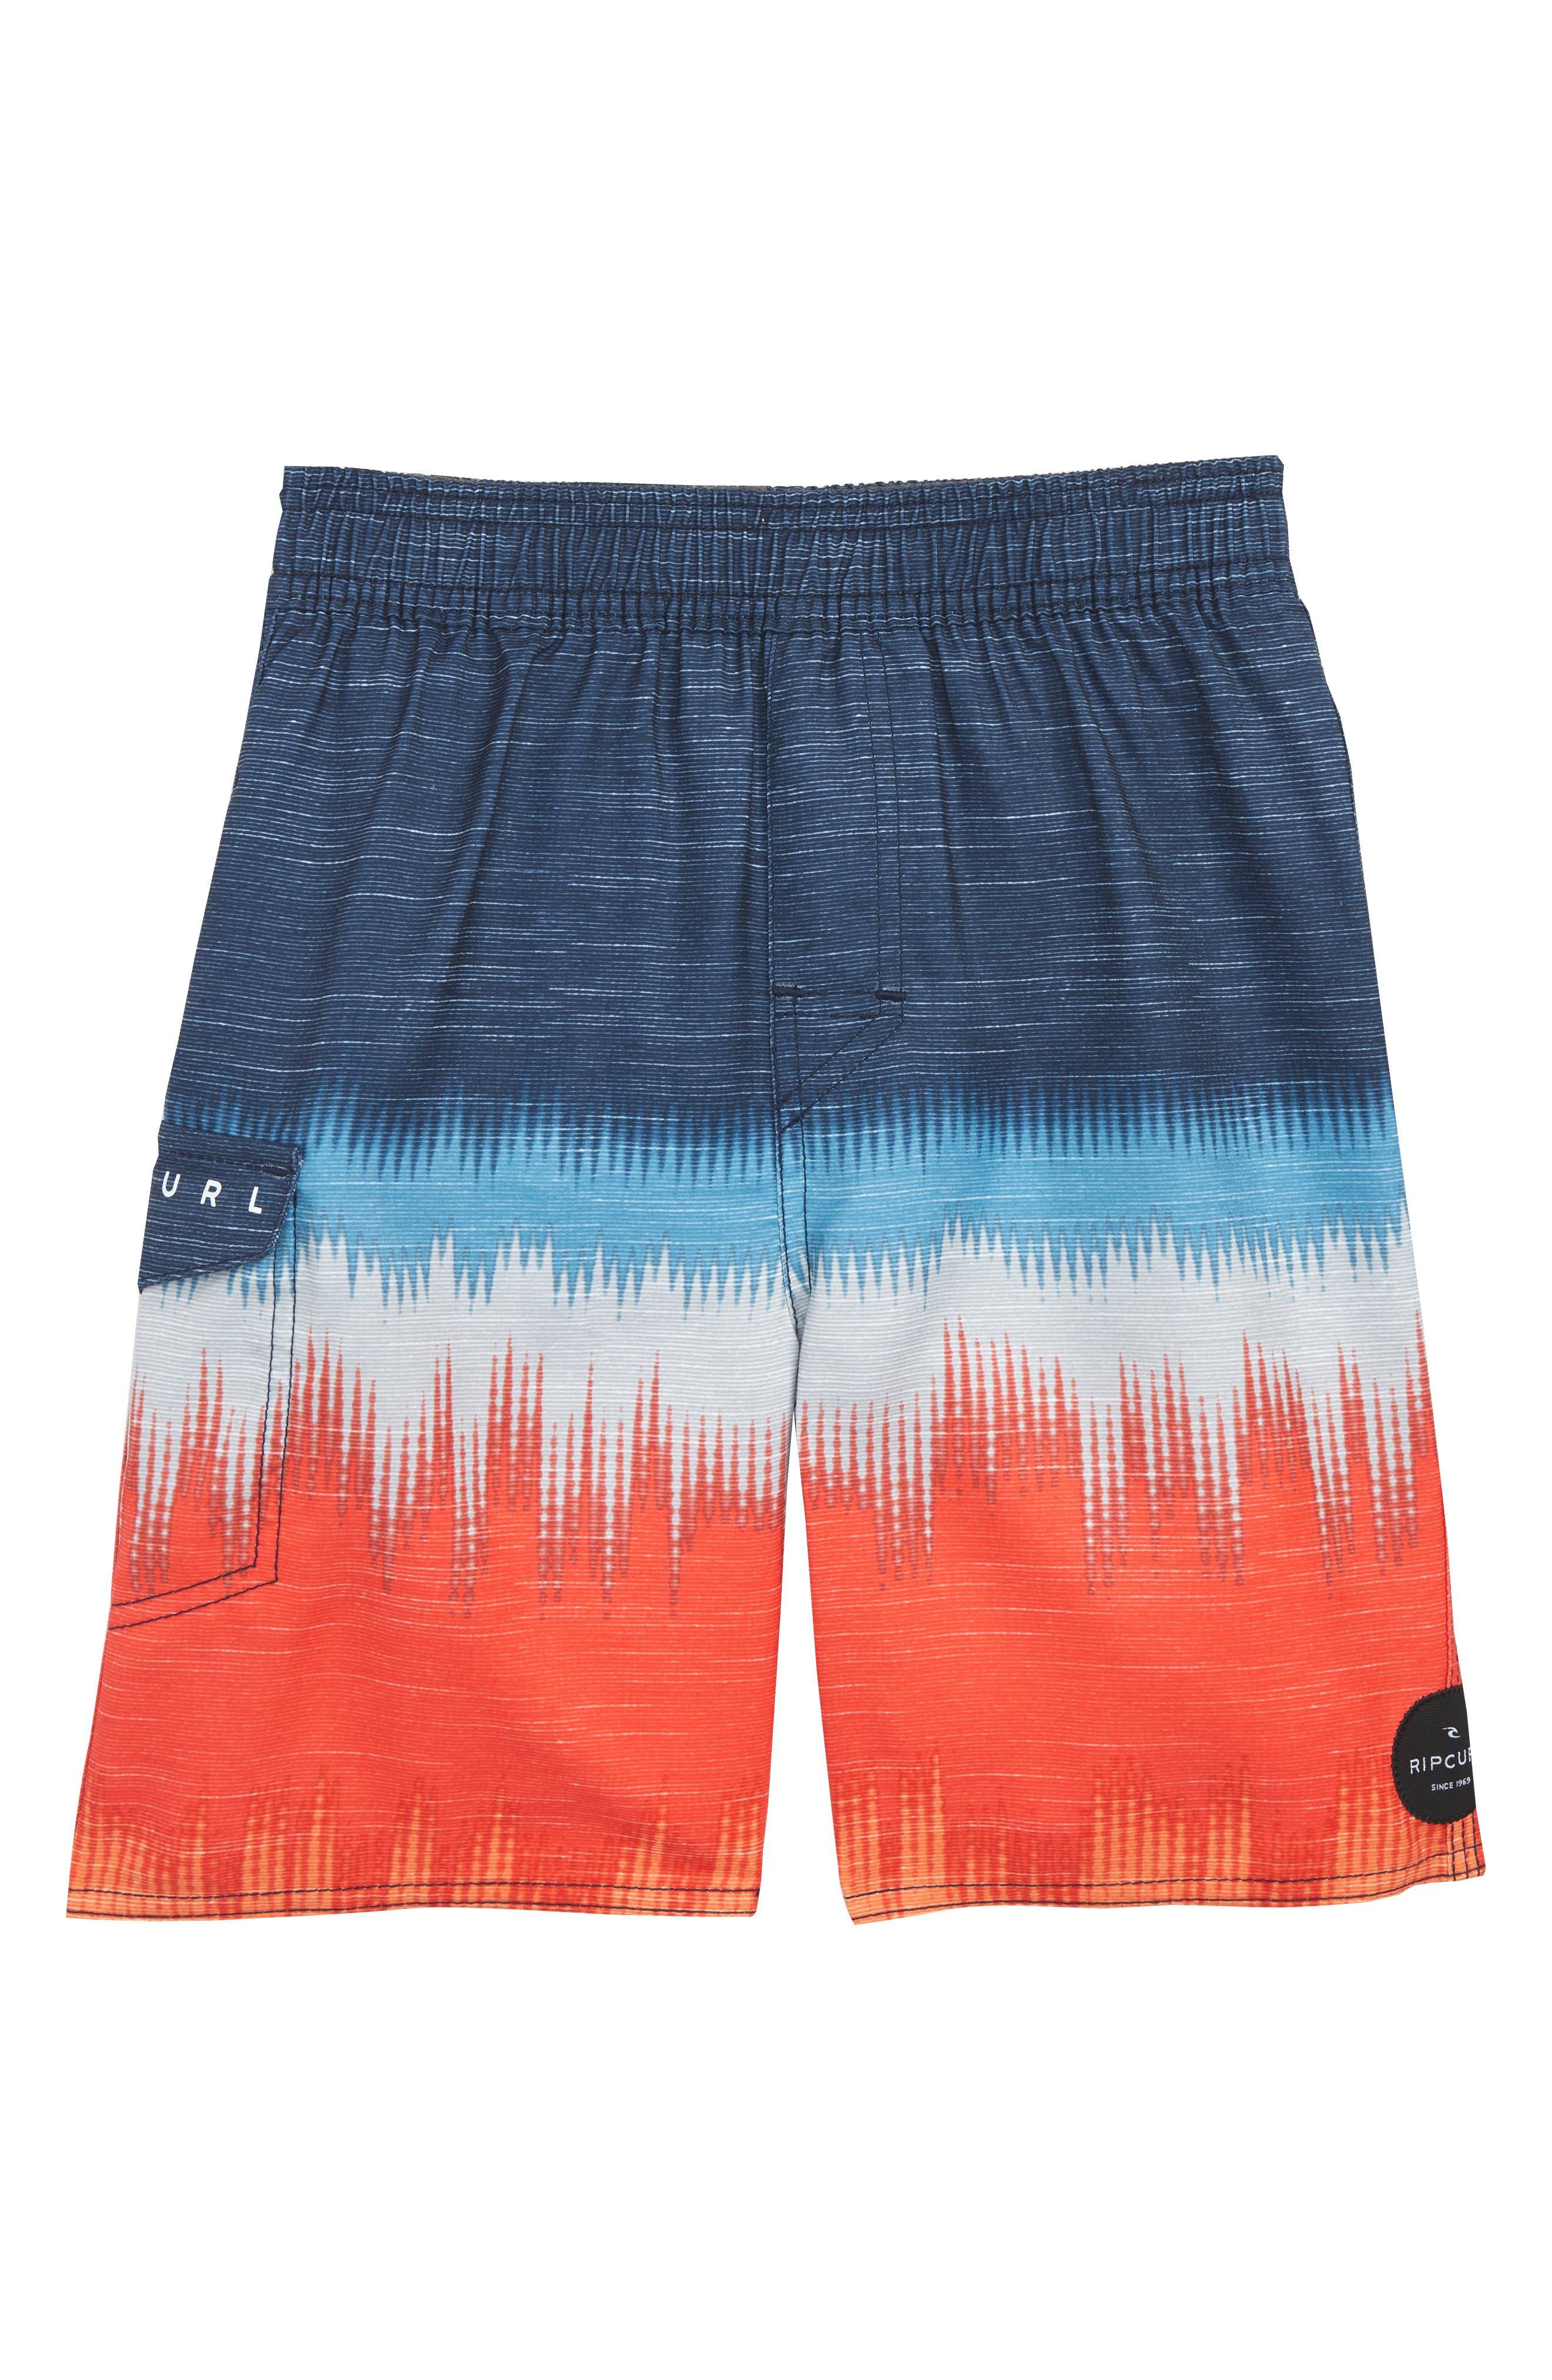 Shallows Volley Shorts,                             Main thumbnail 1, color,                             PINK